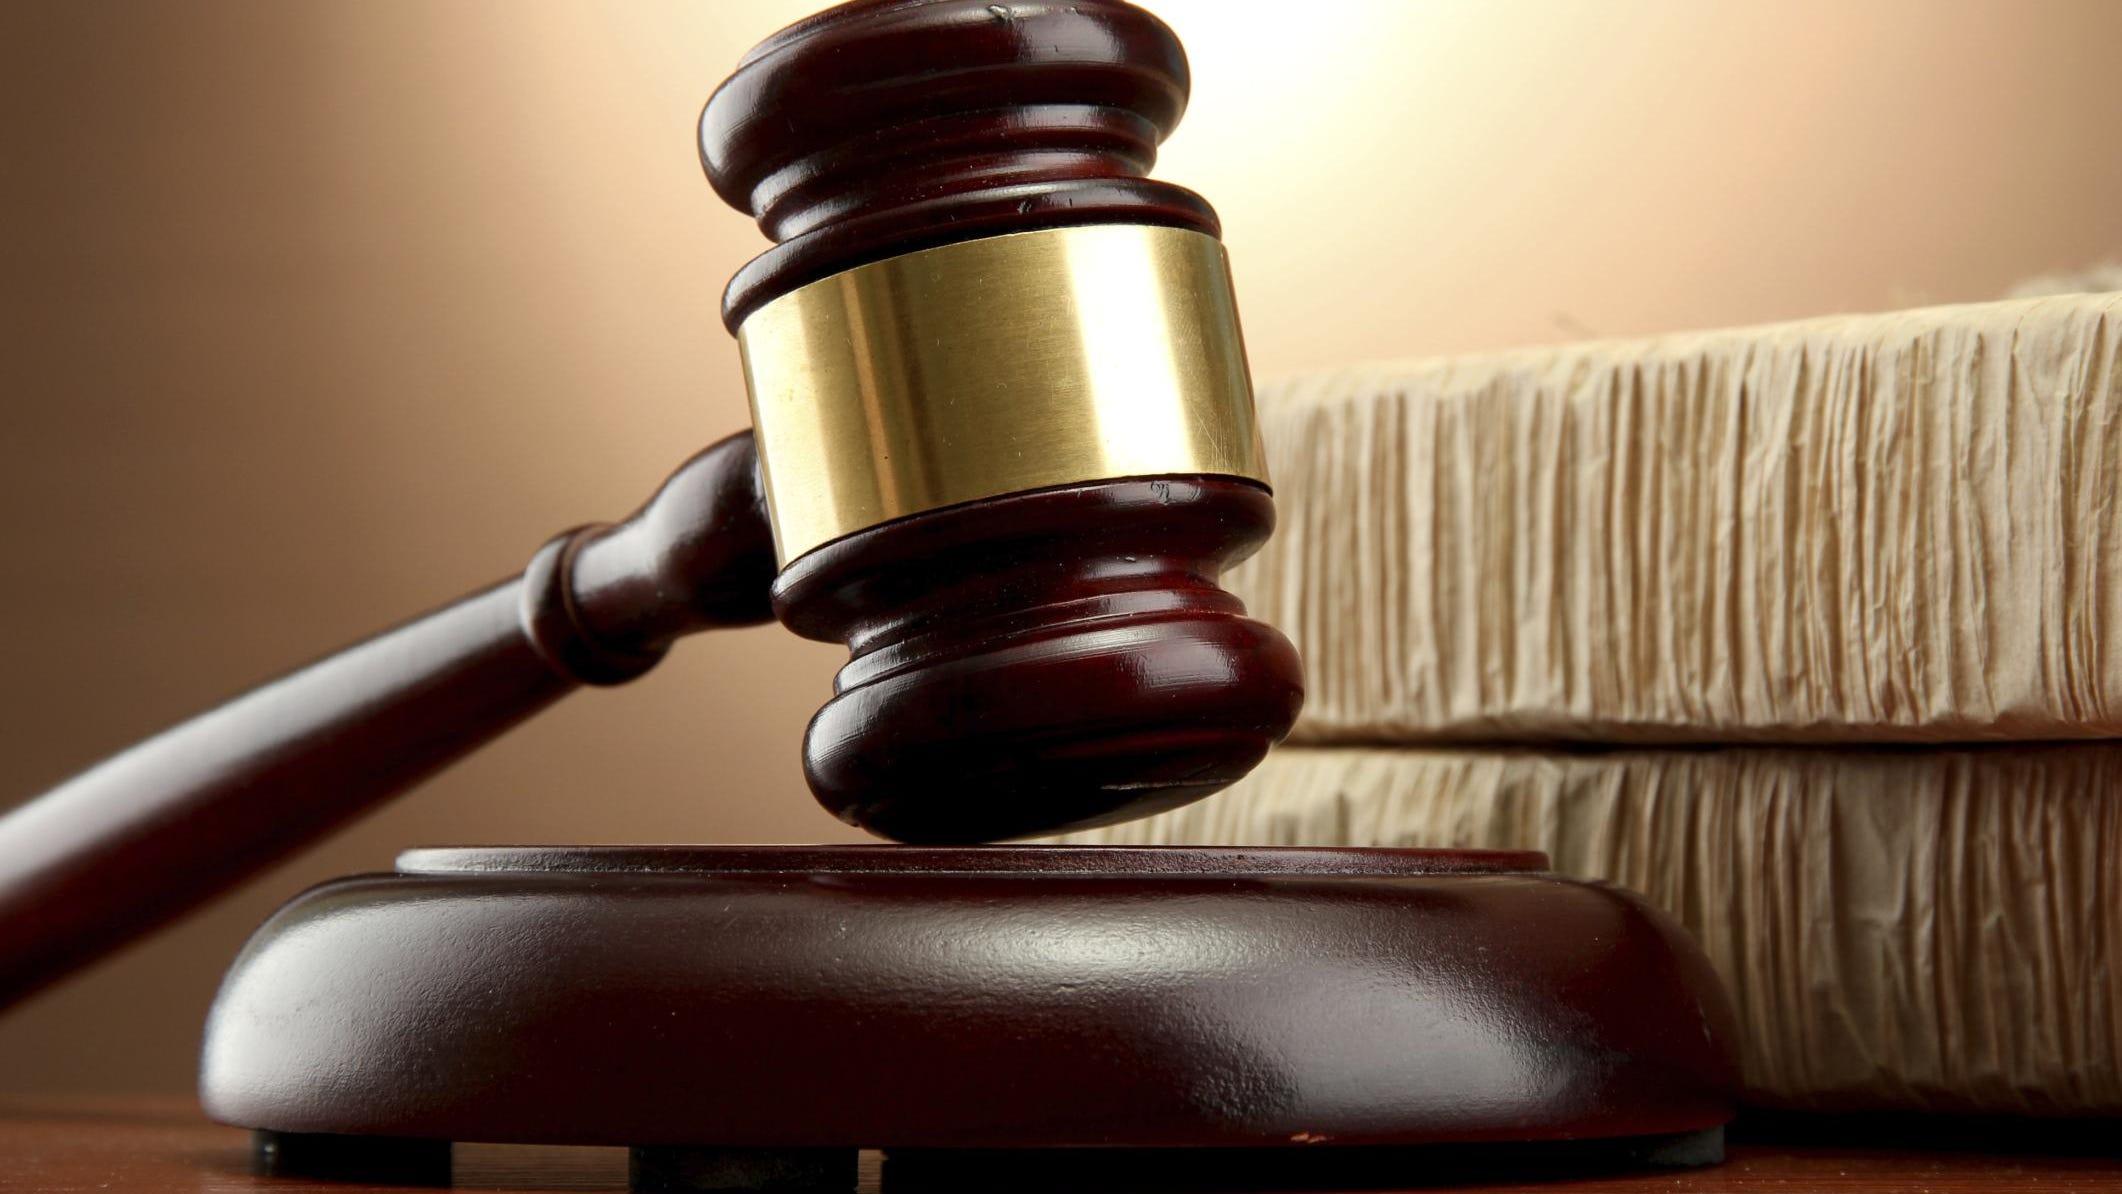 Avon woman sentenced to prison for bank scheme